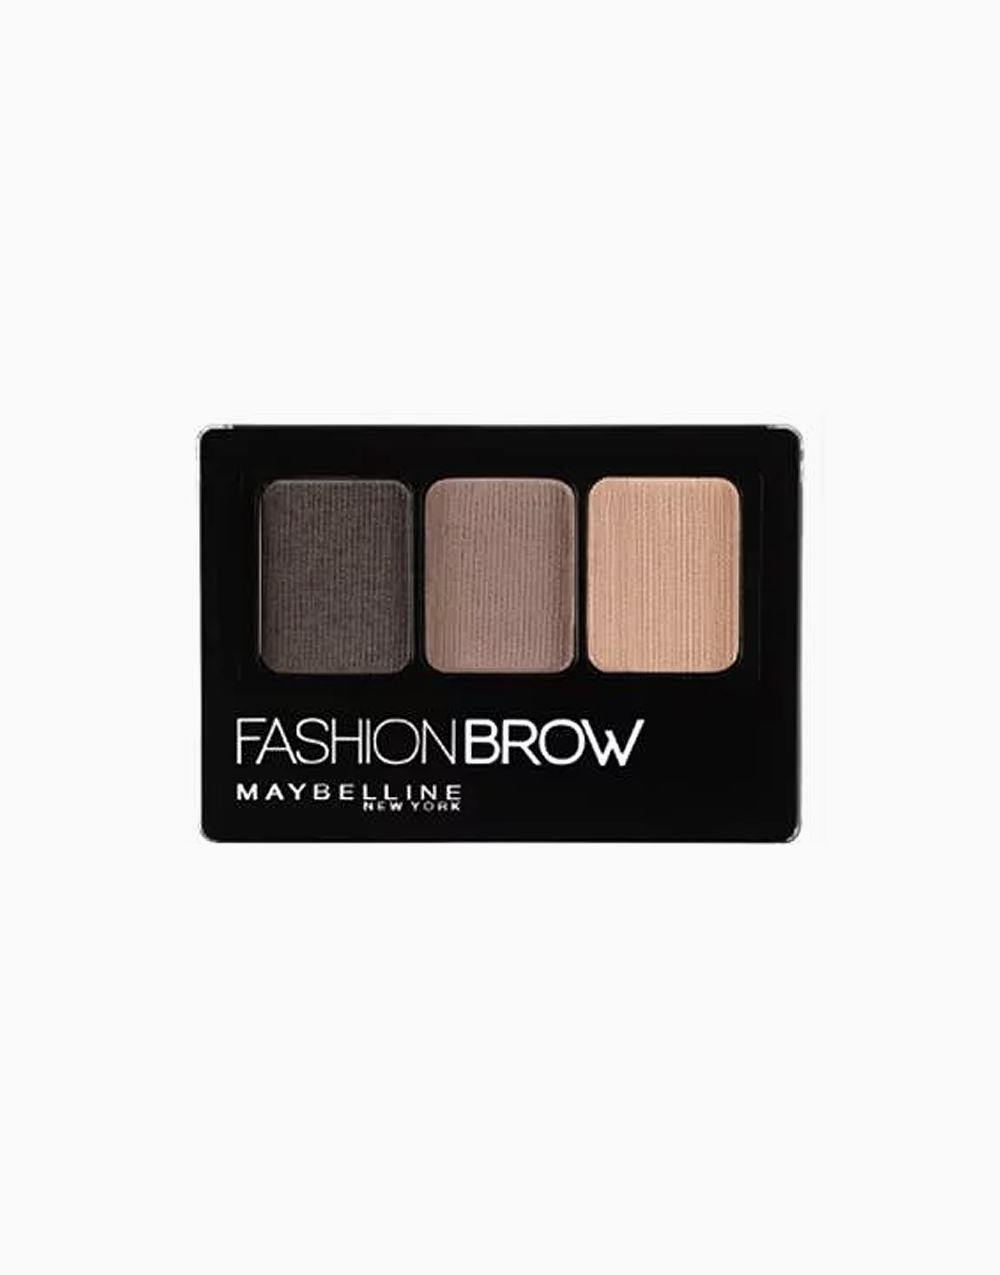 Fashion Brow 3D Palette by Maybelline | Dark Brown